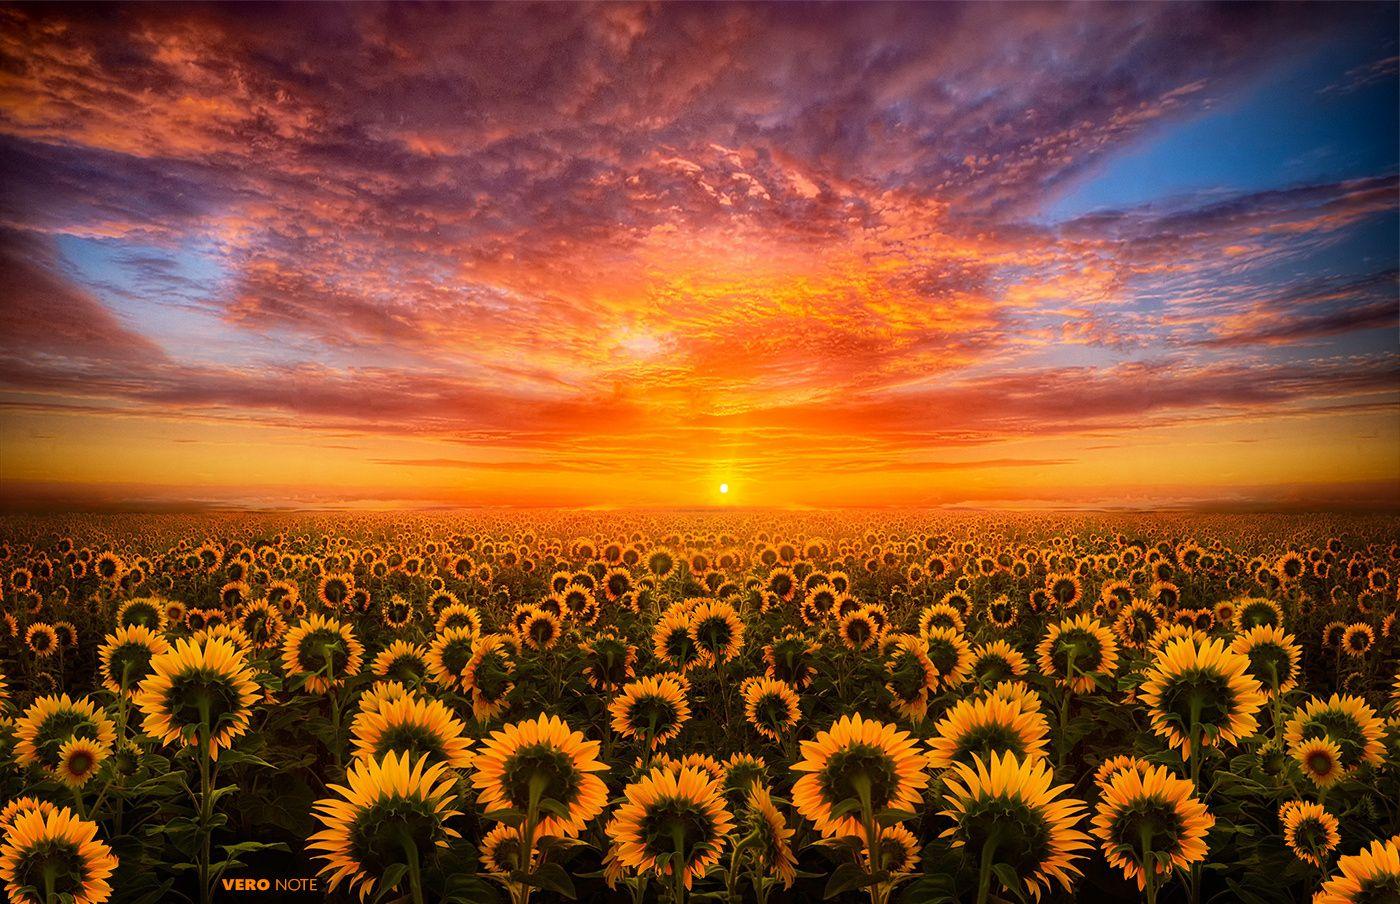 Sun Flowers Light Flower Desktop Wallpaper Sunflower Sunset Sunflower Wallpaper